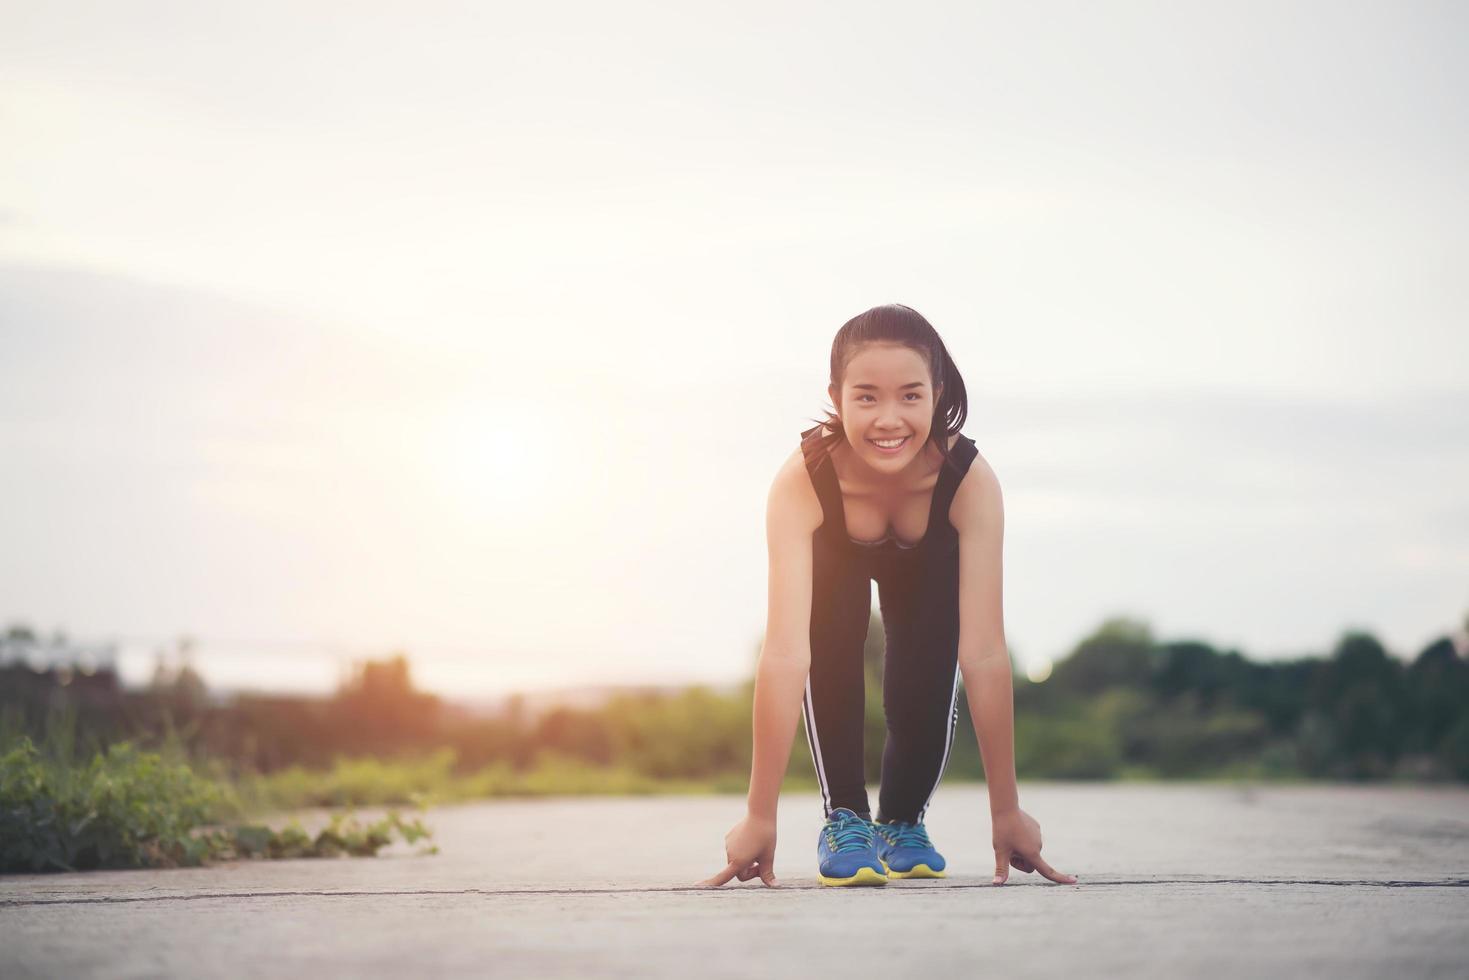 jeune athlète prêt à commencer à courir photo